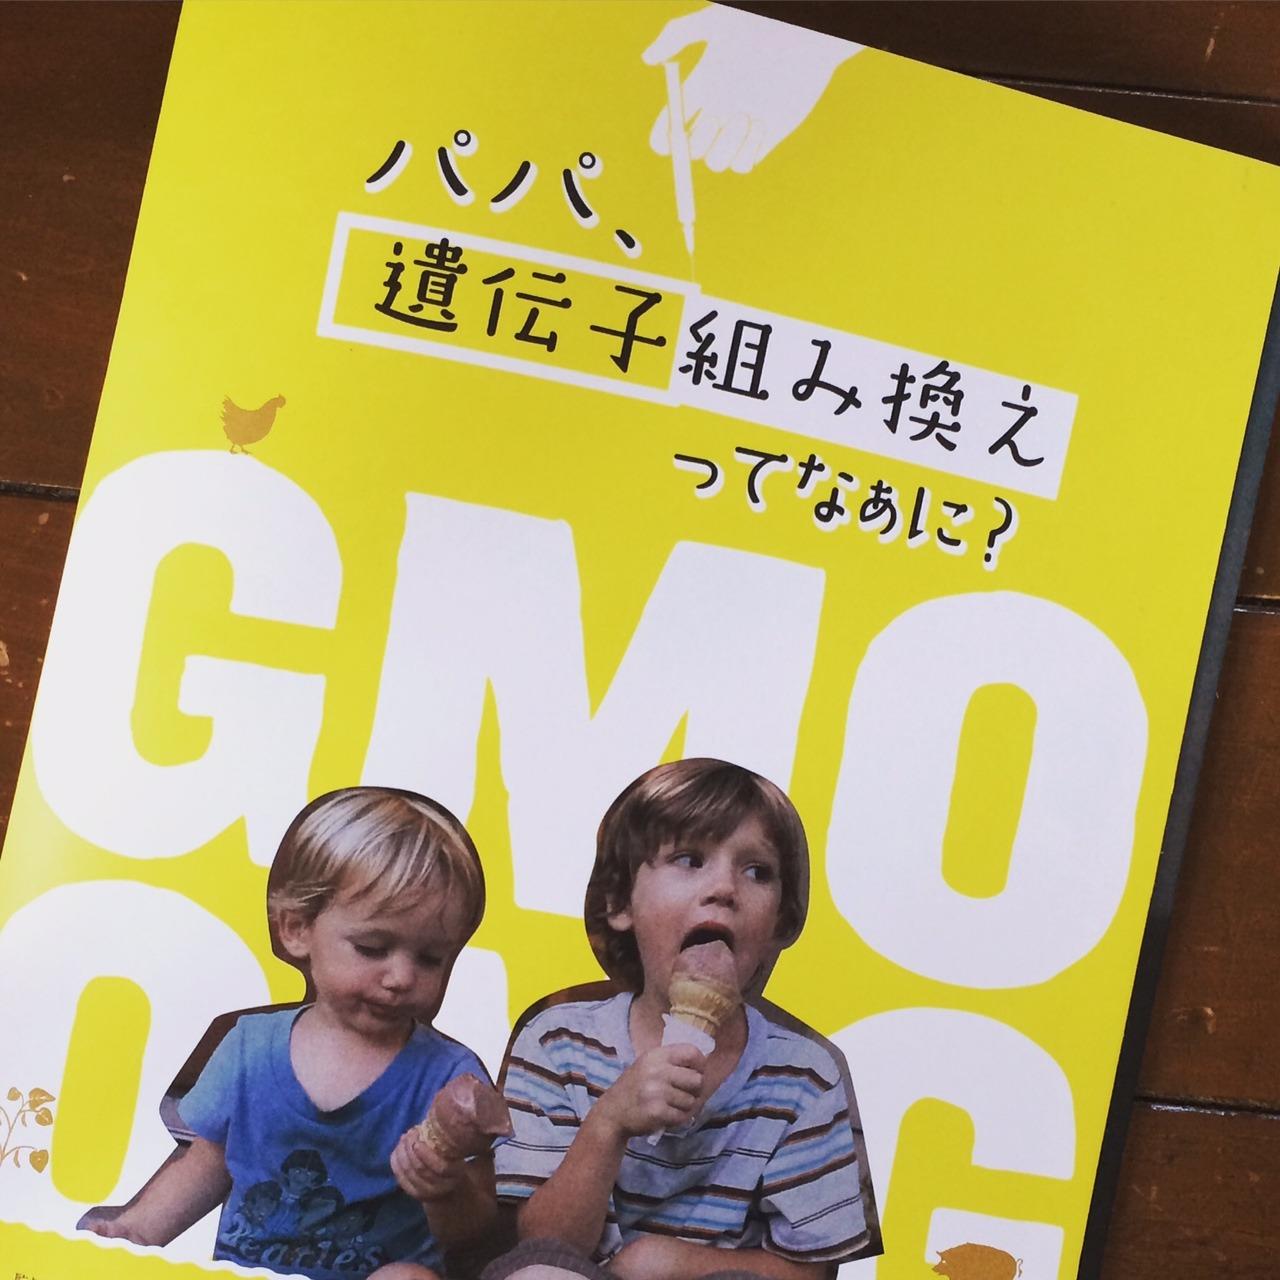 映画【パパ遺伝子組み換えってなぁに?】公式パンフレットご紹介いただきました。